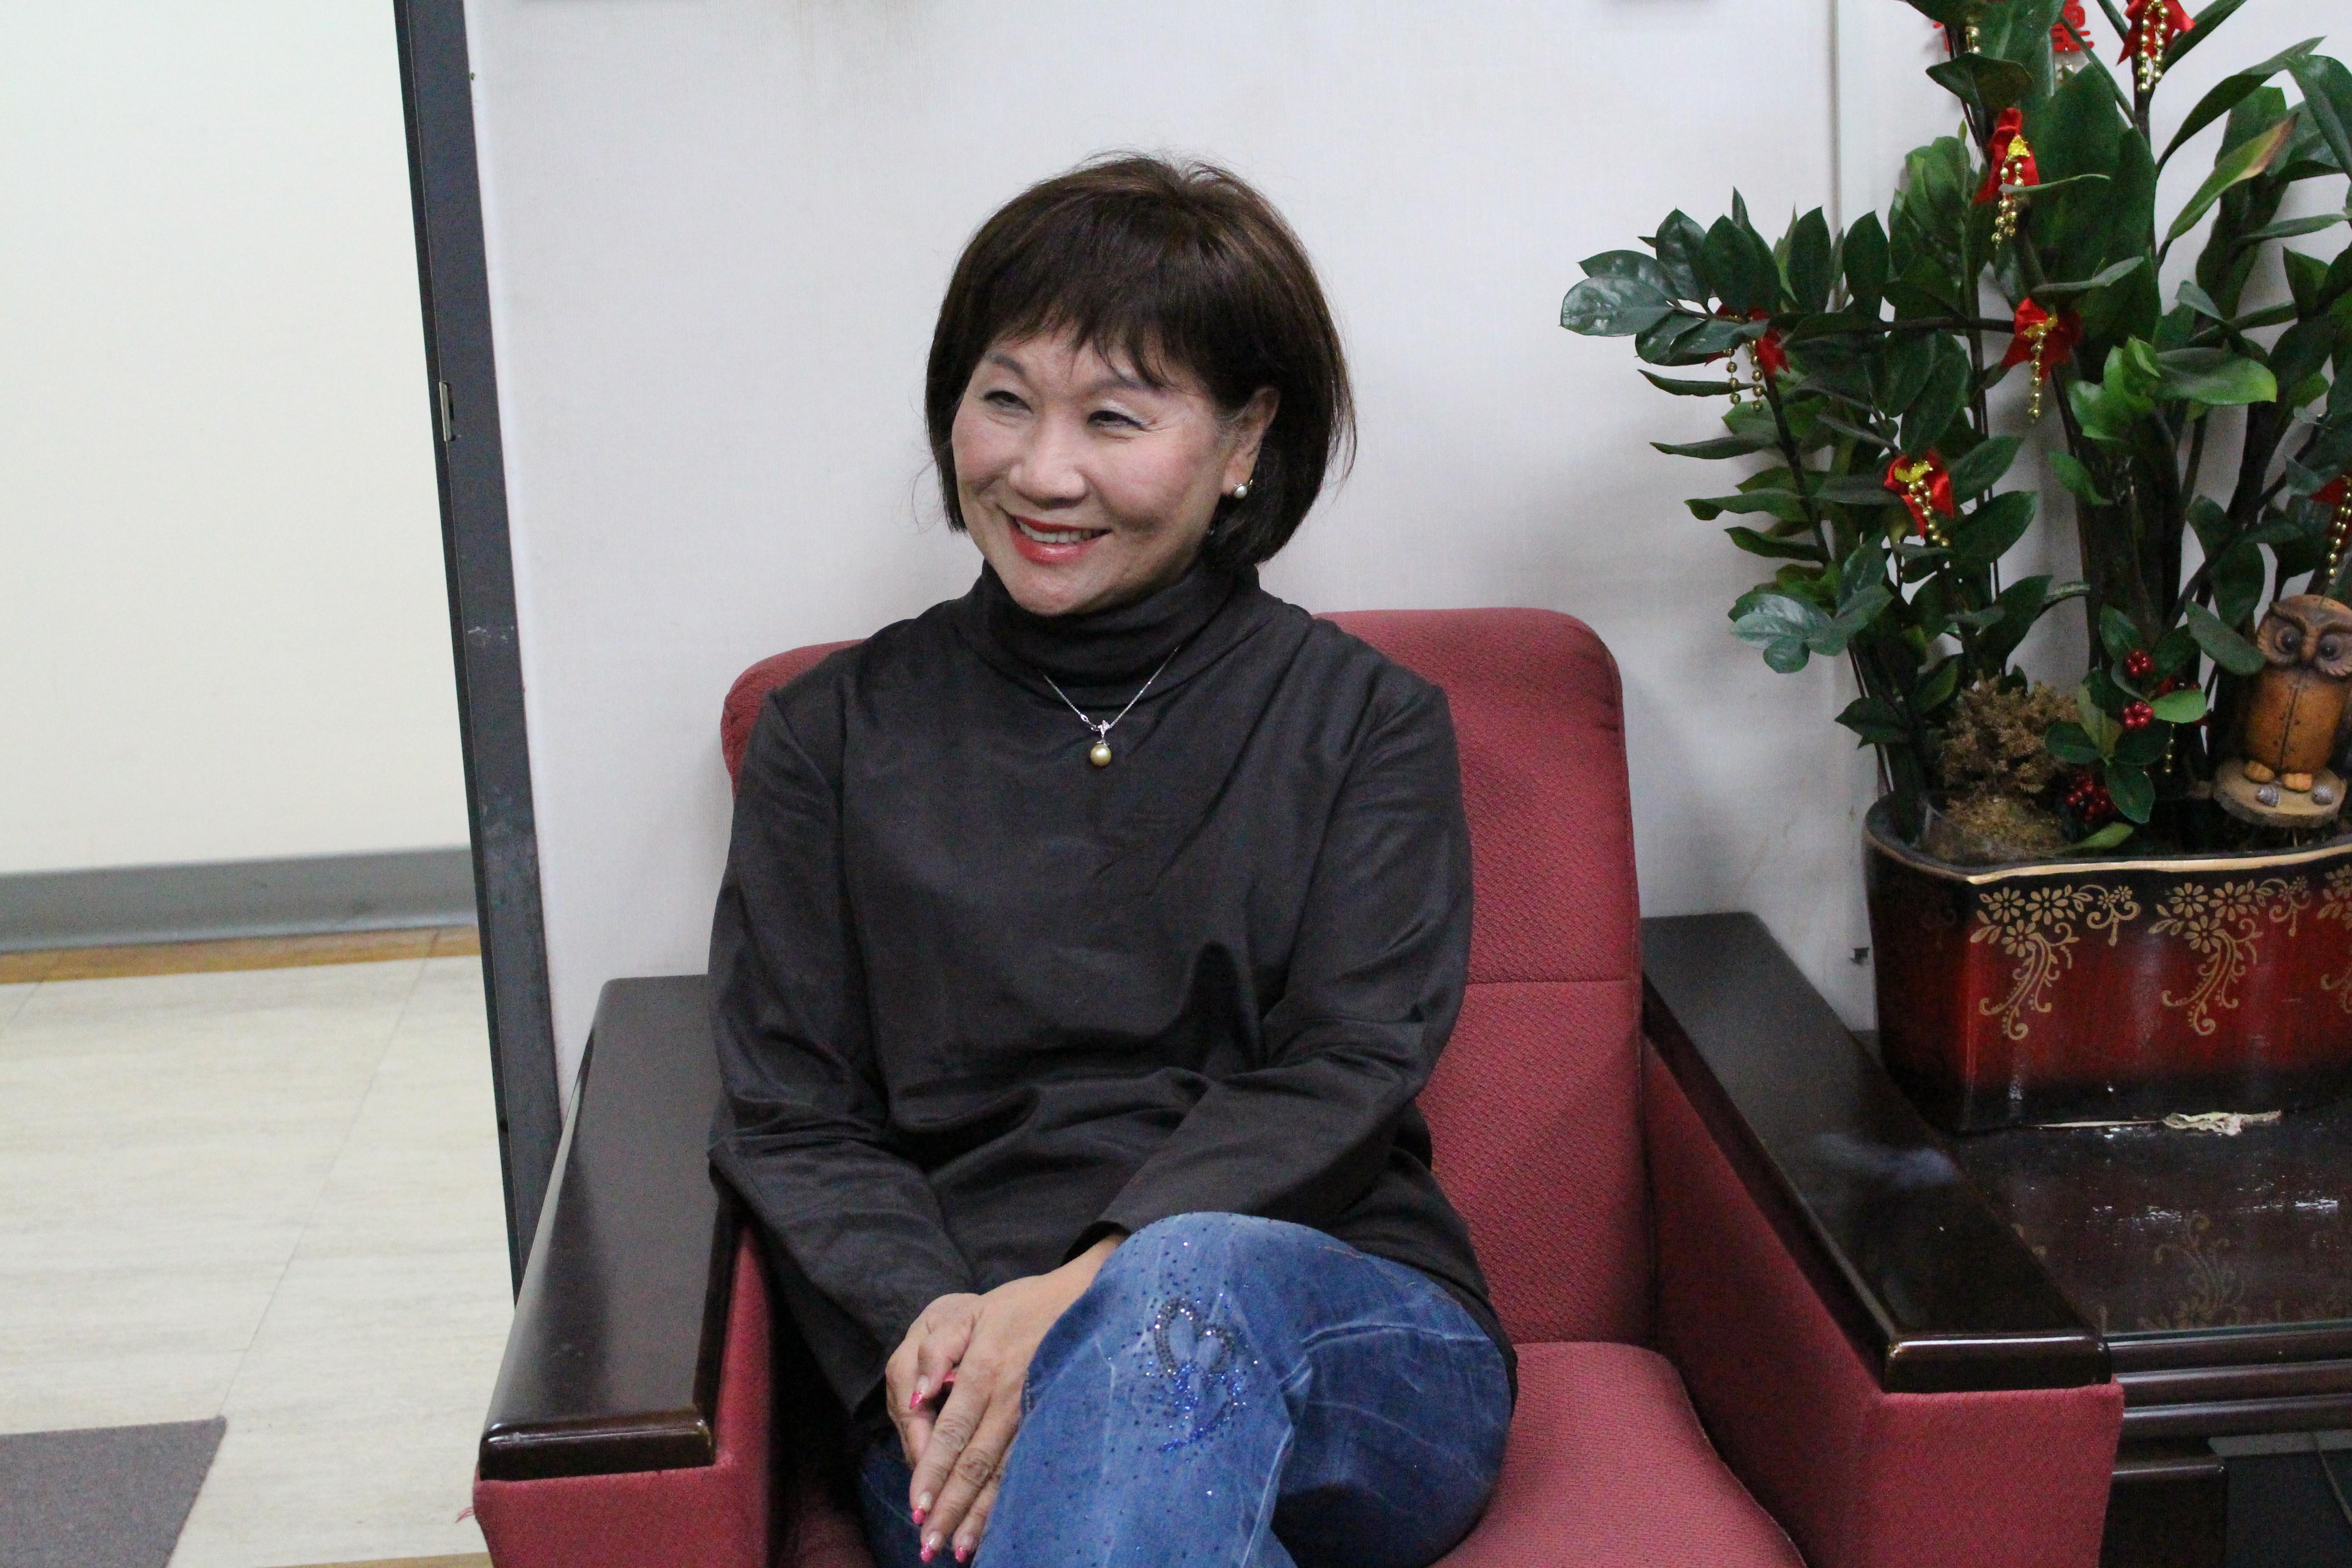 議員厲耿桂芳表示防洪與公共住宅的比重要再加以衡量。